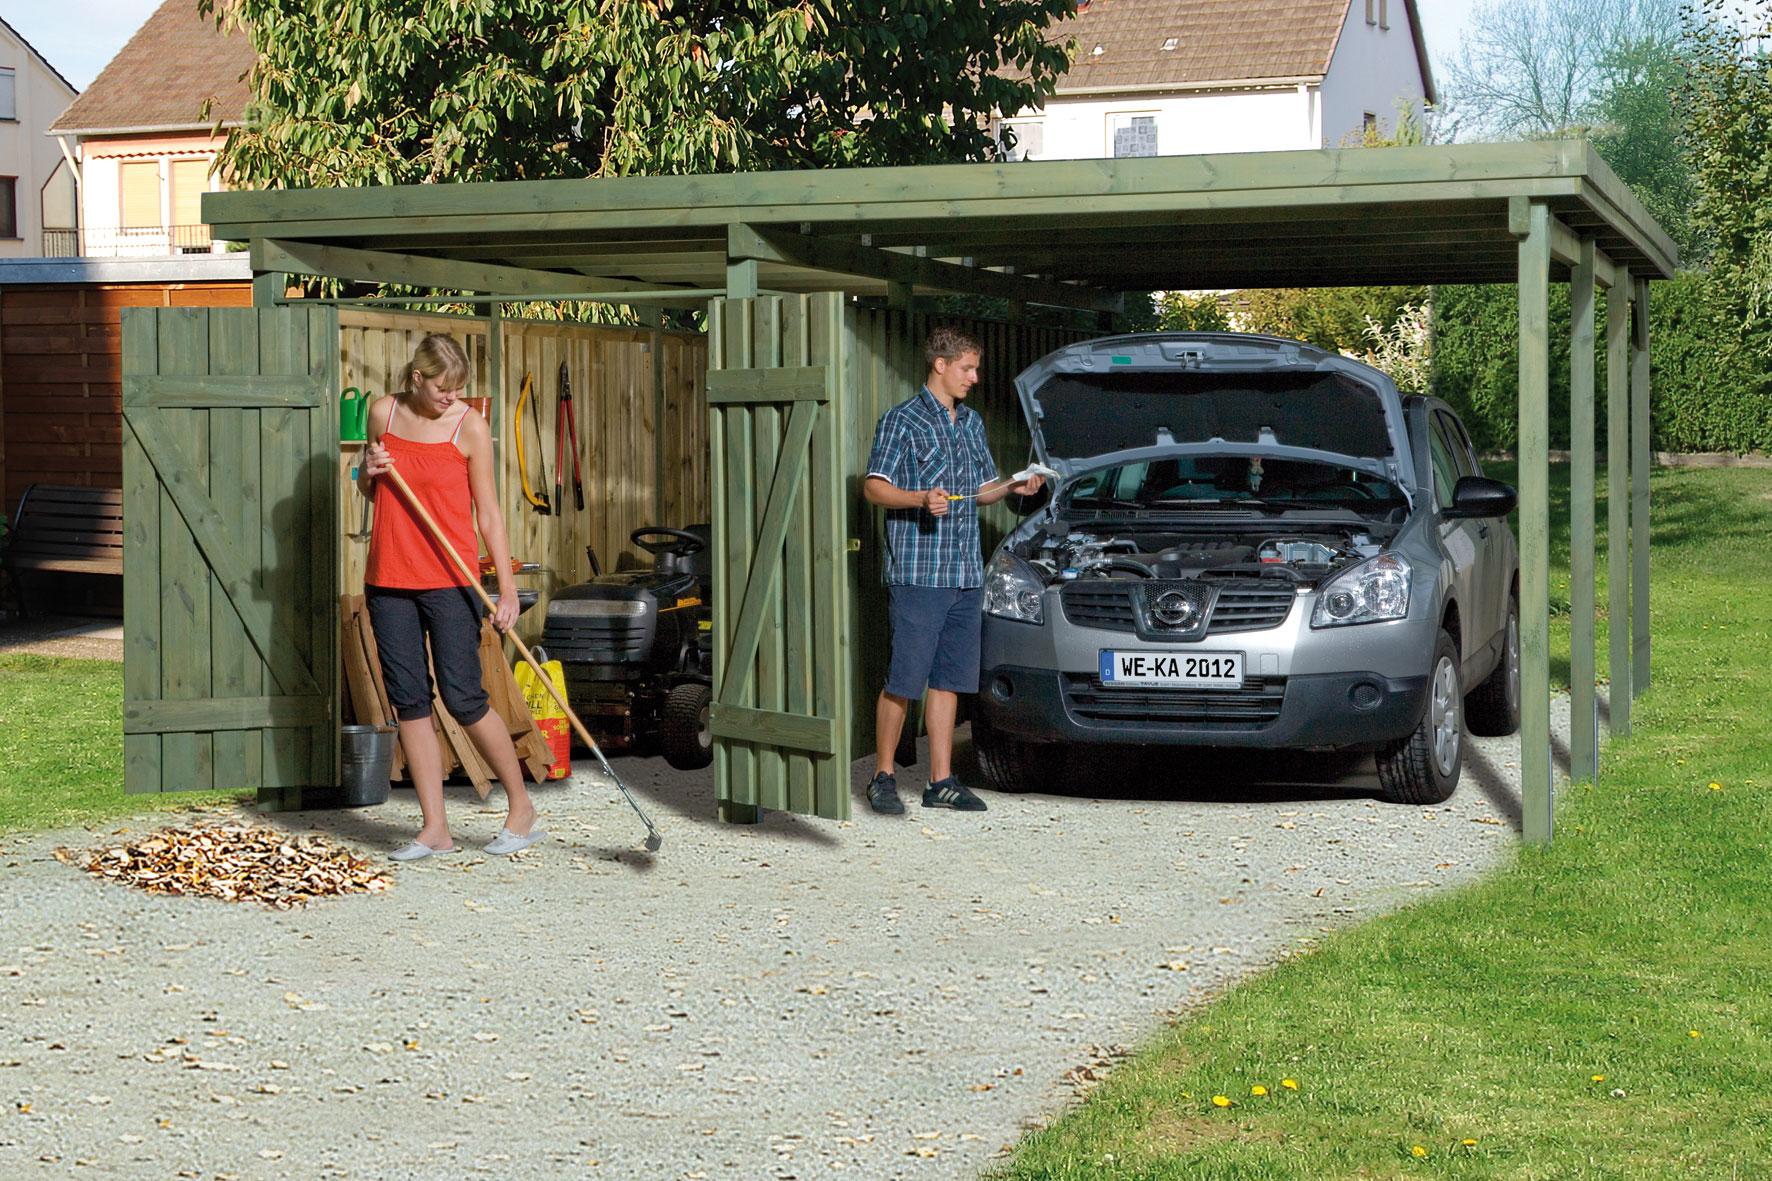 carport weka carport 607 gr 3 mit ger teraum kdi 512x602cm bild 1. Black Bedroom Furniture Sets. Home Design Ideas